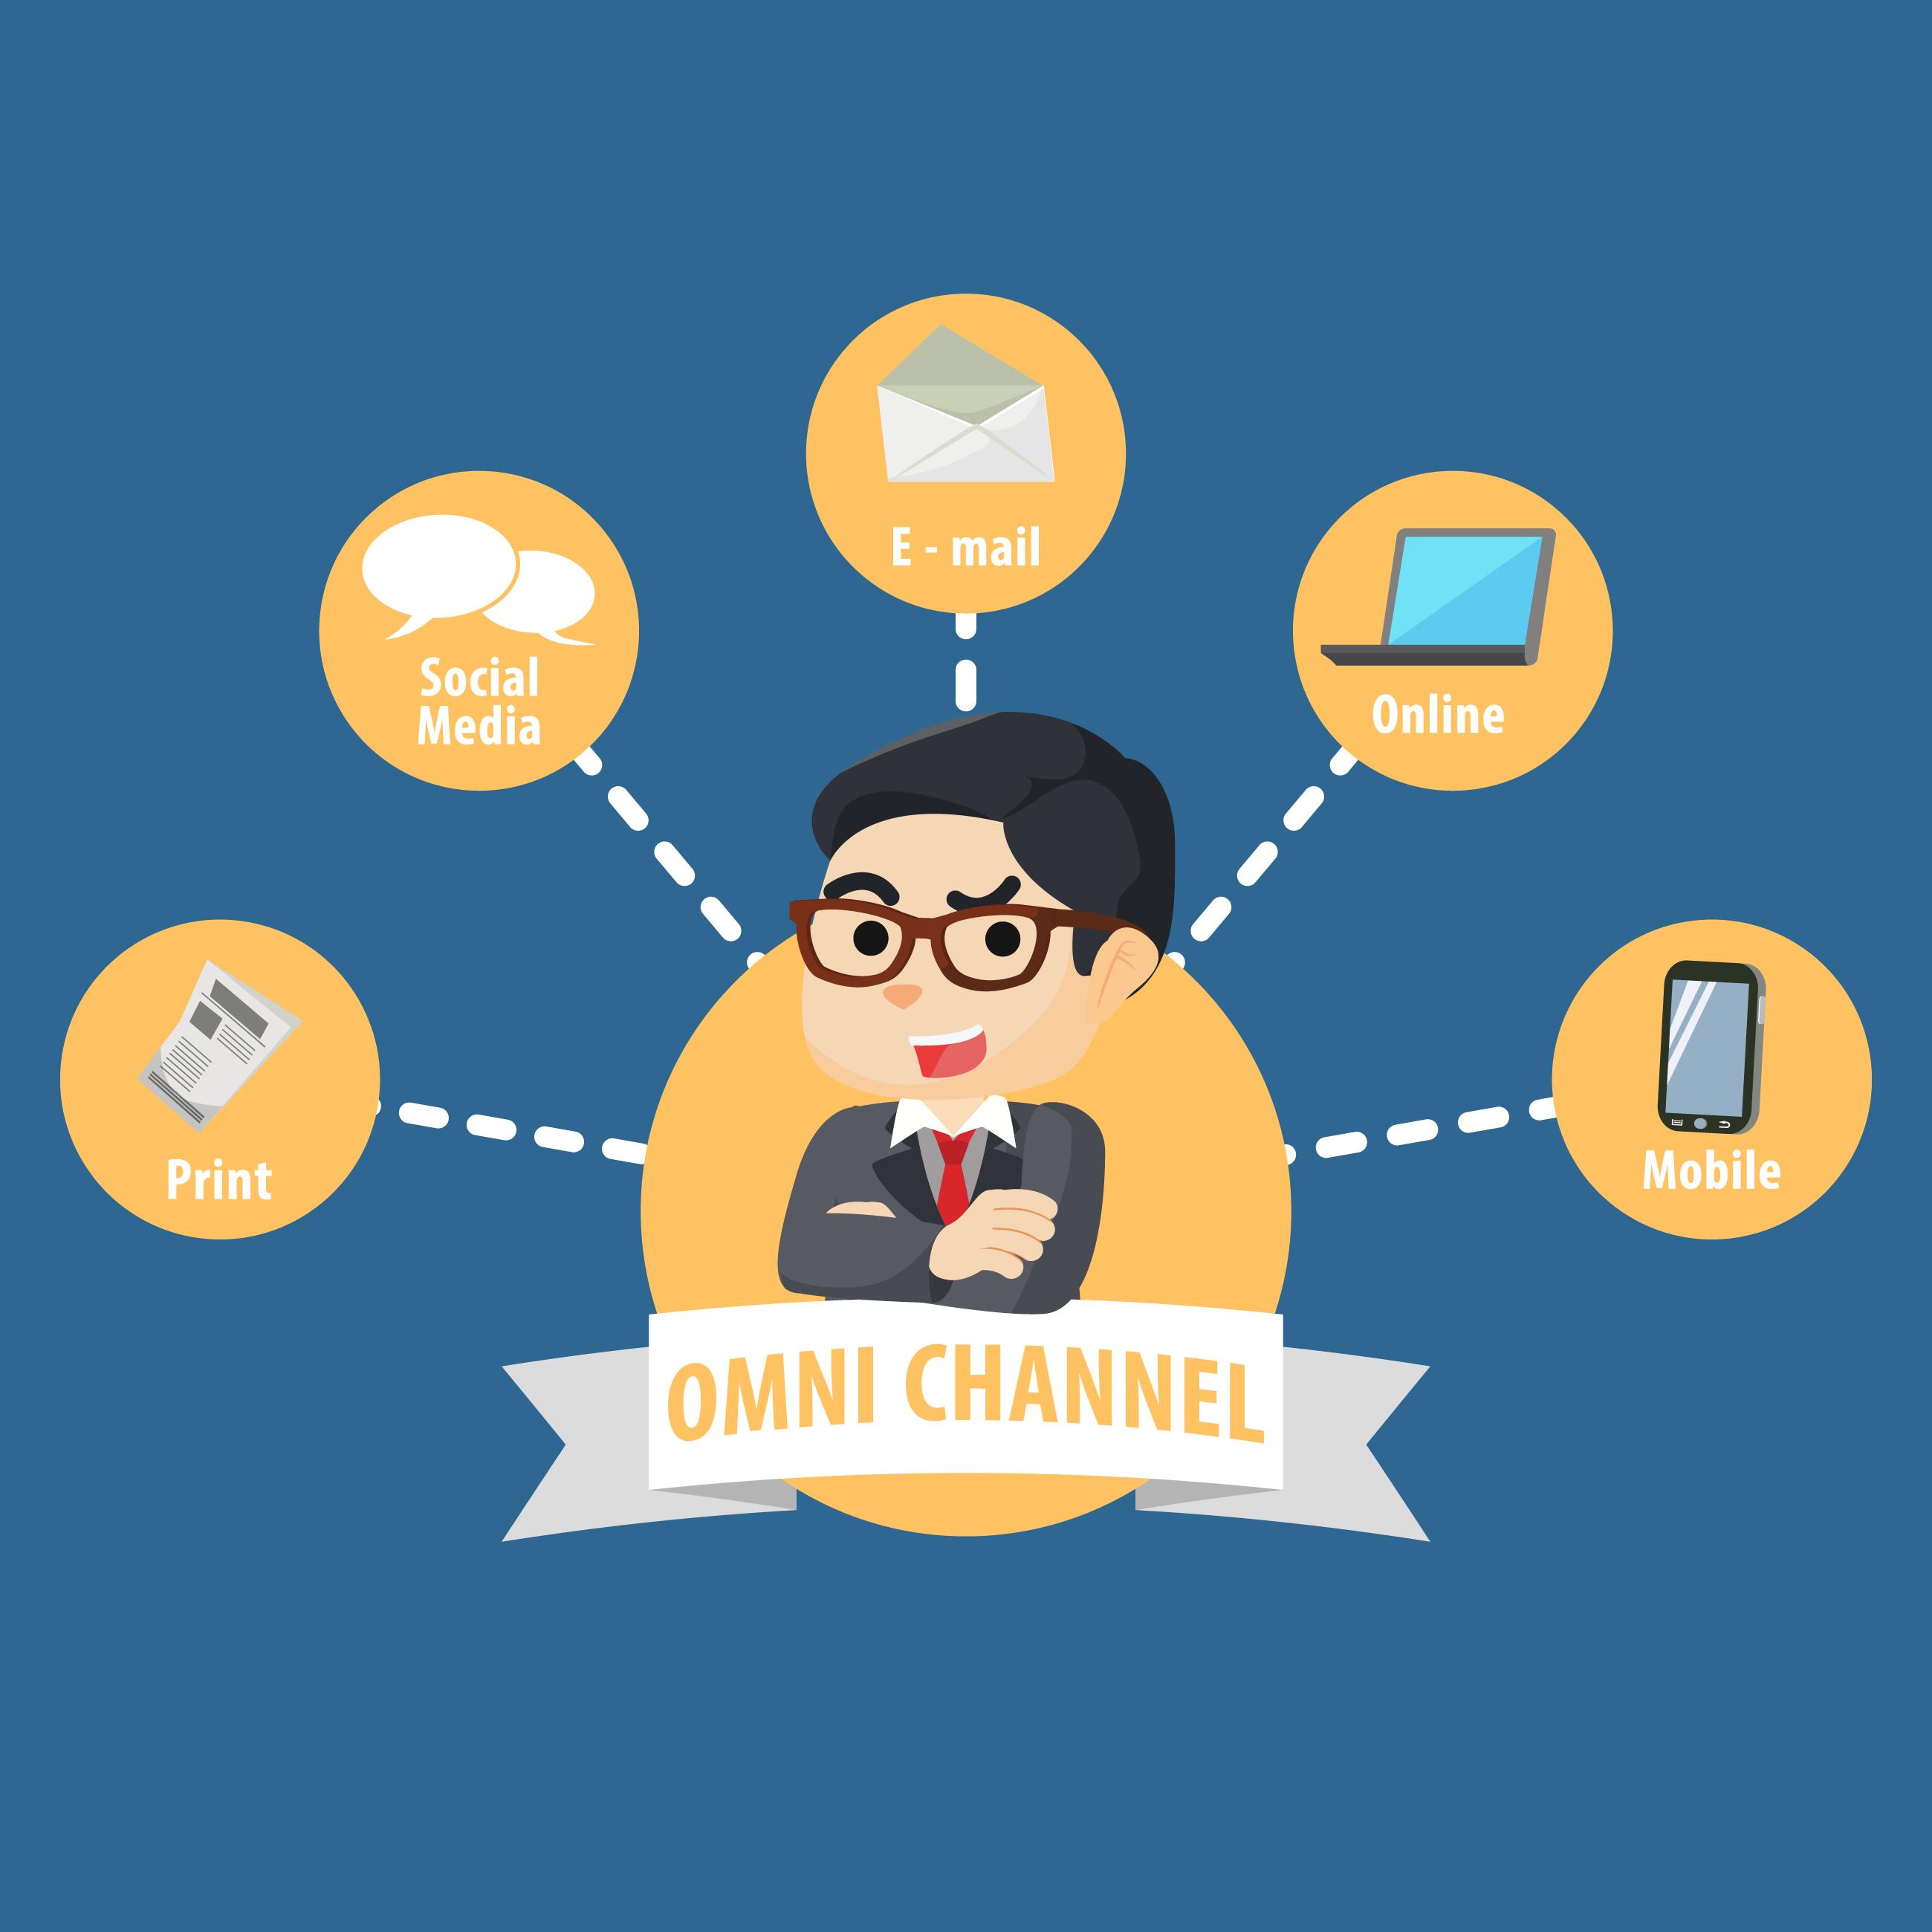 L'emailing est-il mort ? Découvrez les 4 outils qui vont soutenir vos campagnes d'emailings ! 7